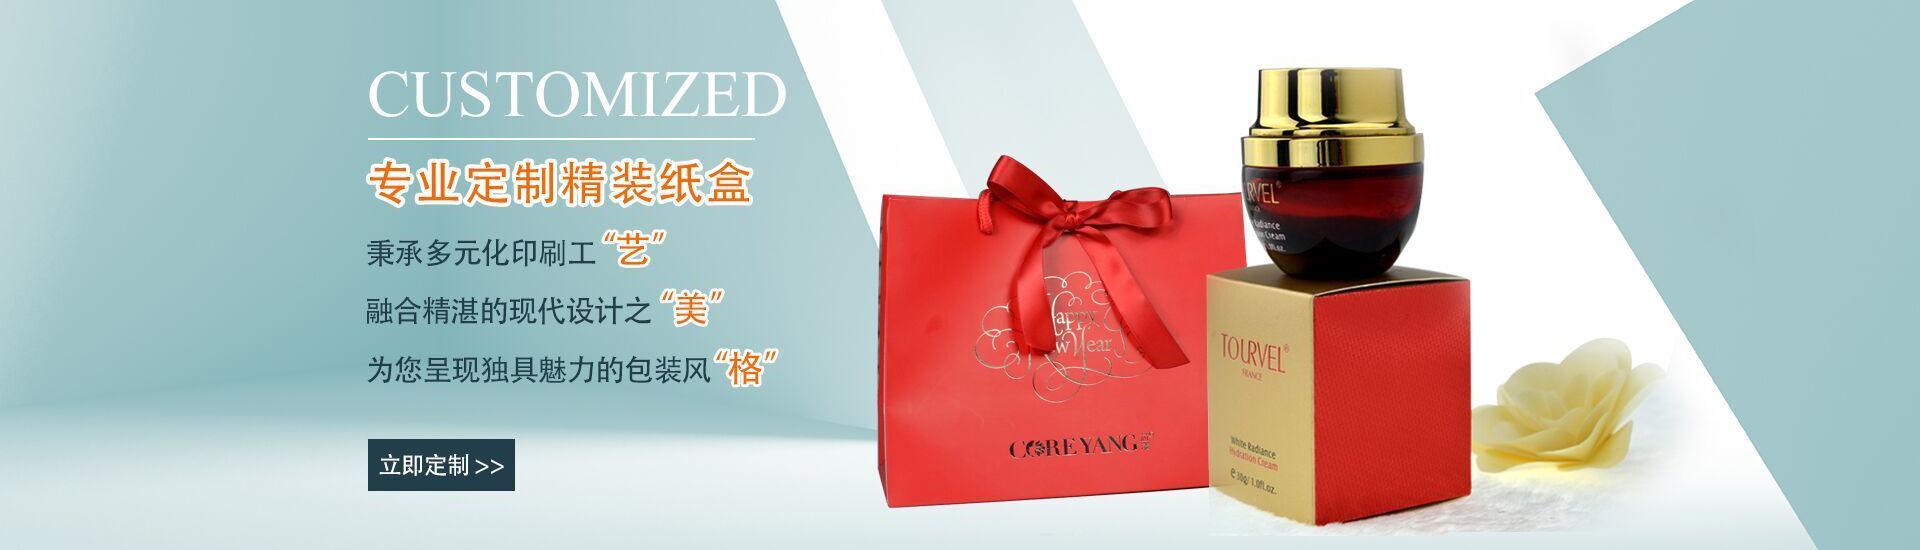 深圳市艺美格印刷包装有限公司